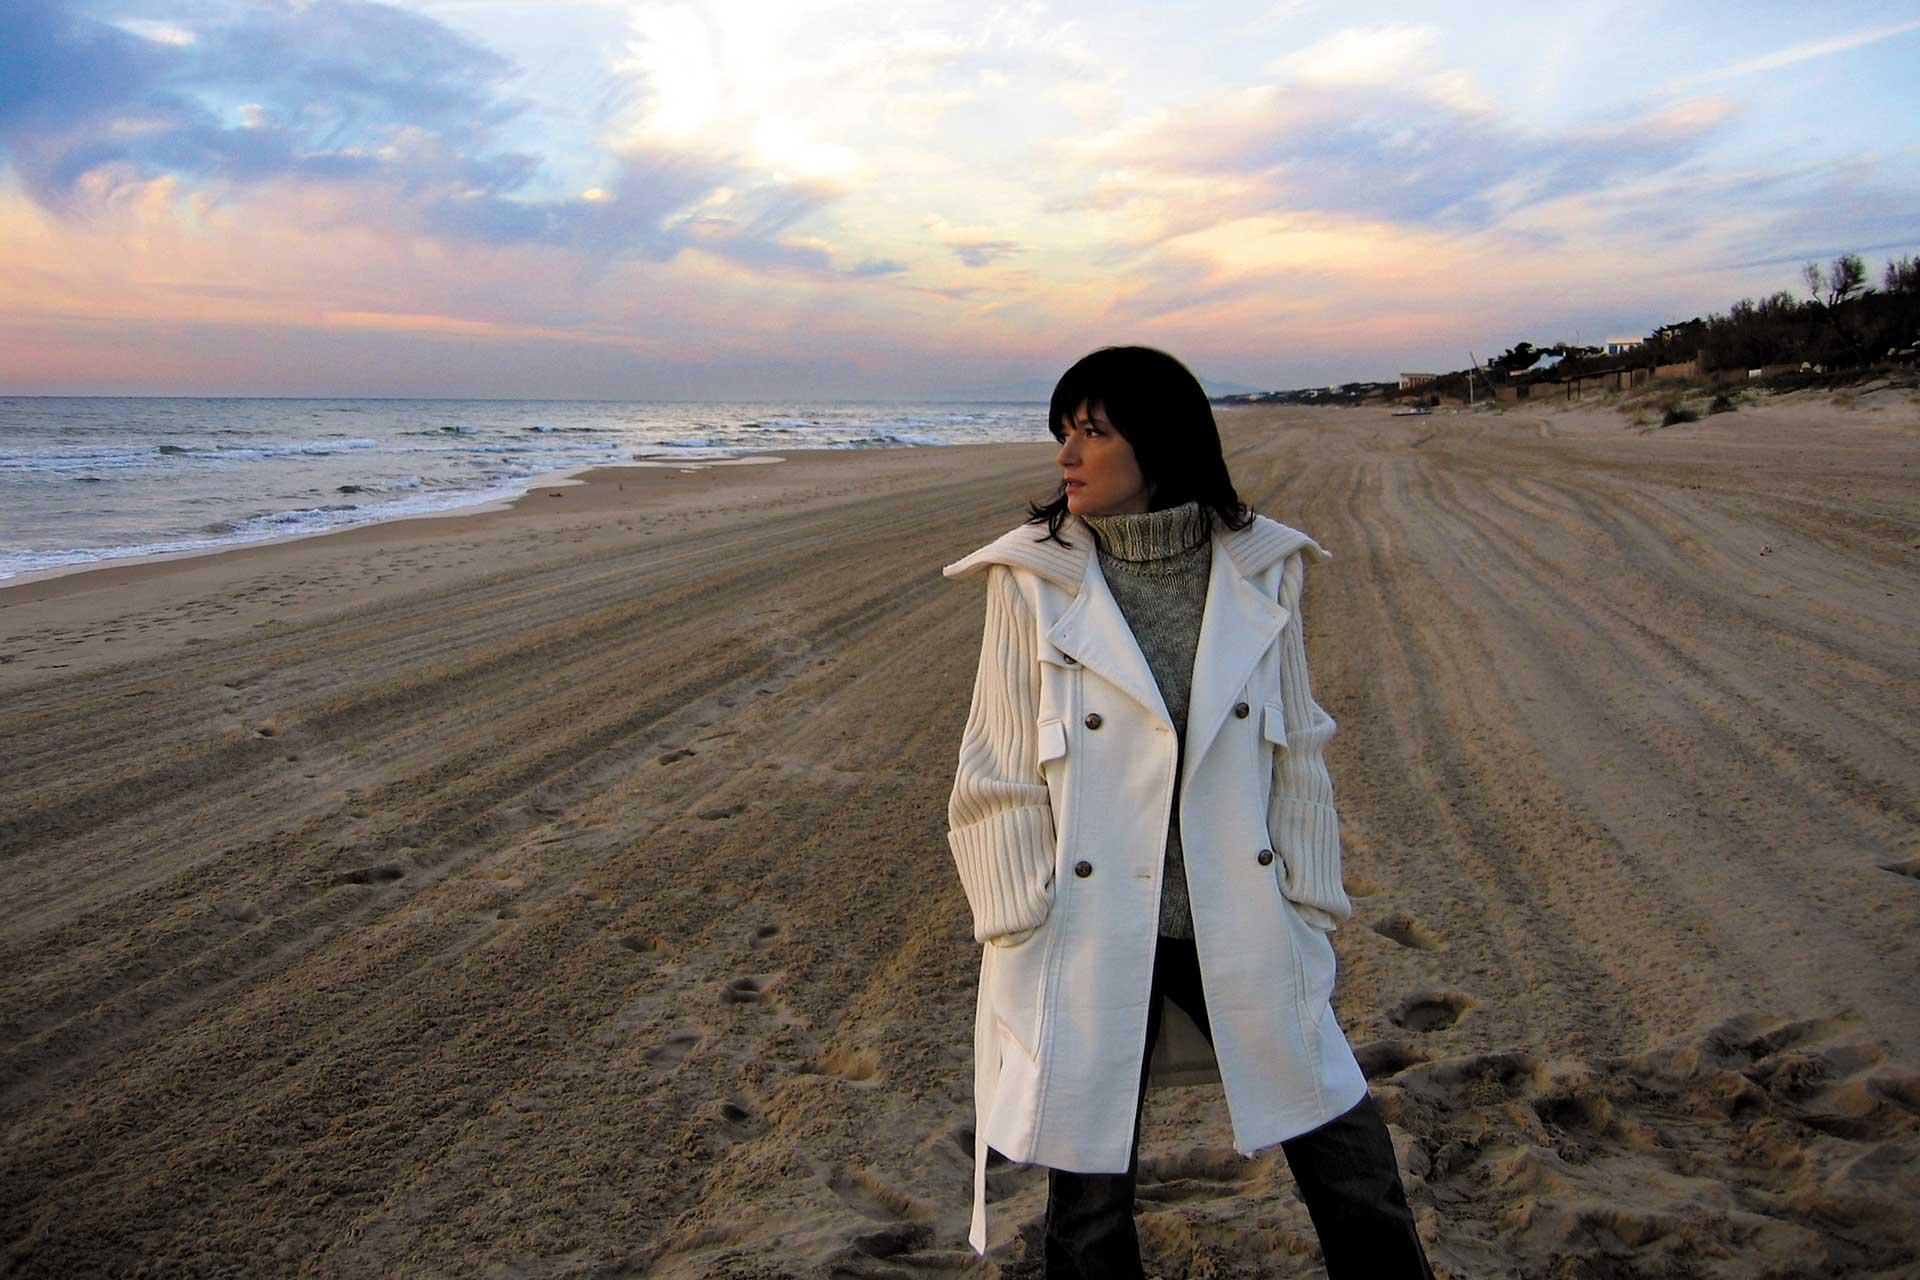 Élisabeth Anaïs / Les heures claires / Universal Music (2004)